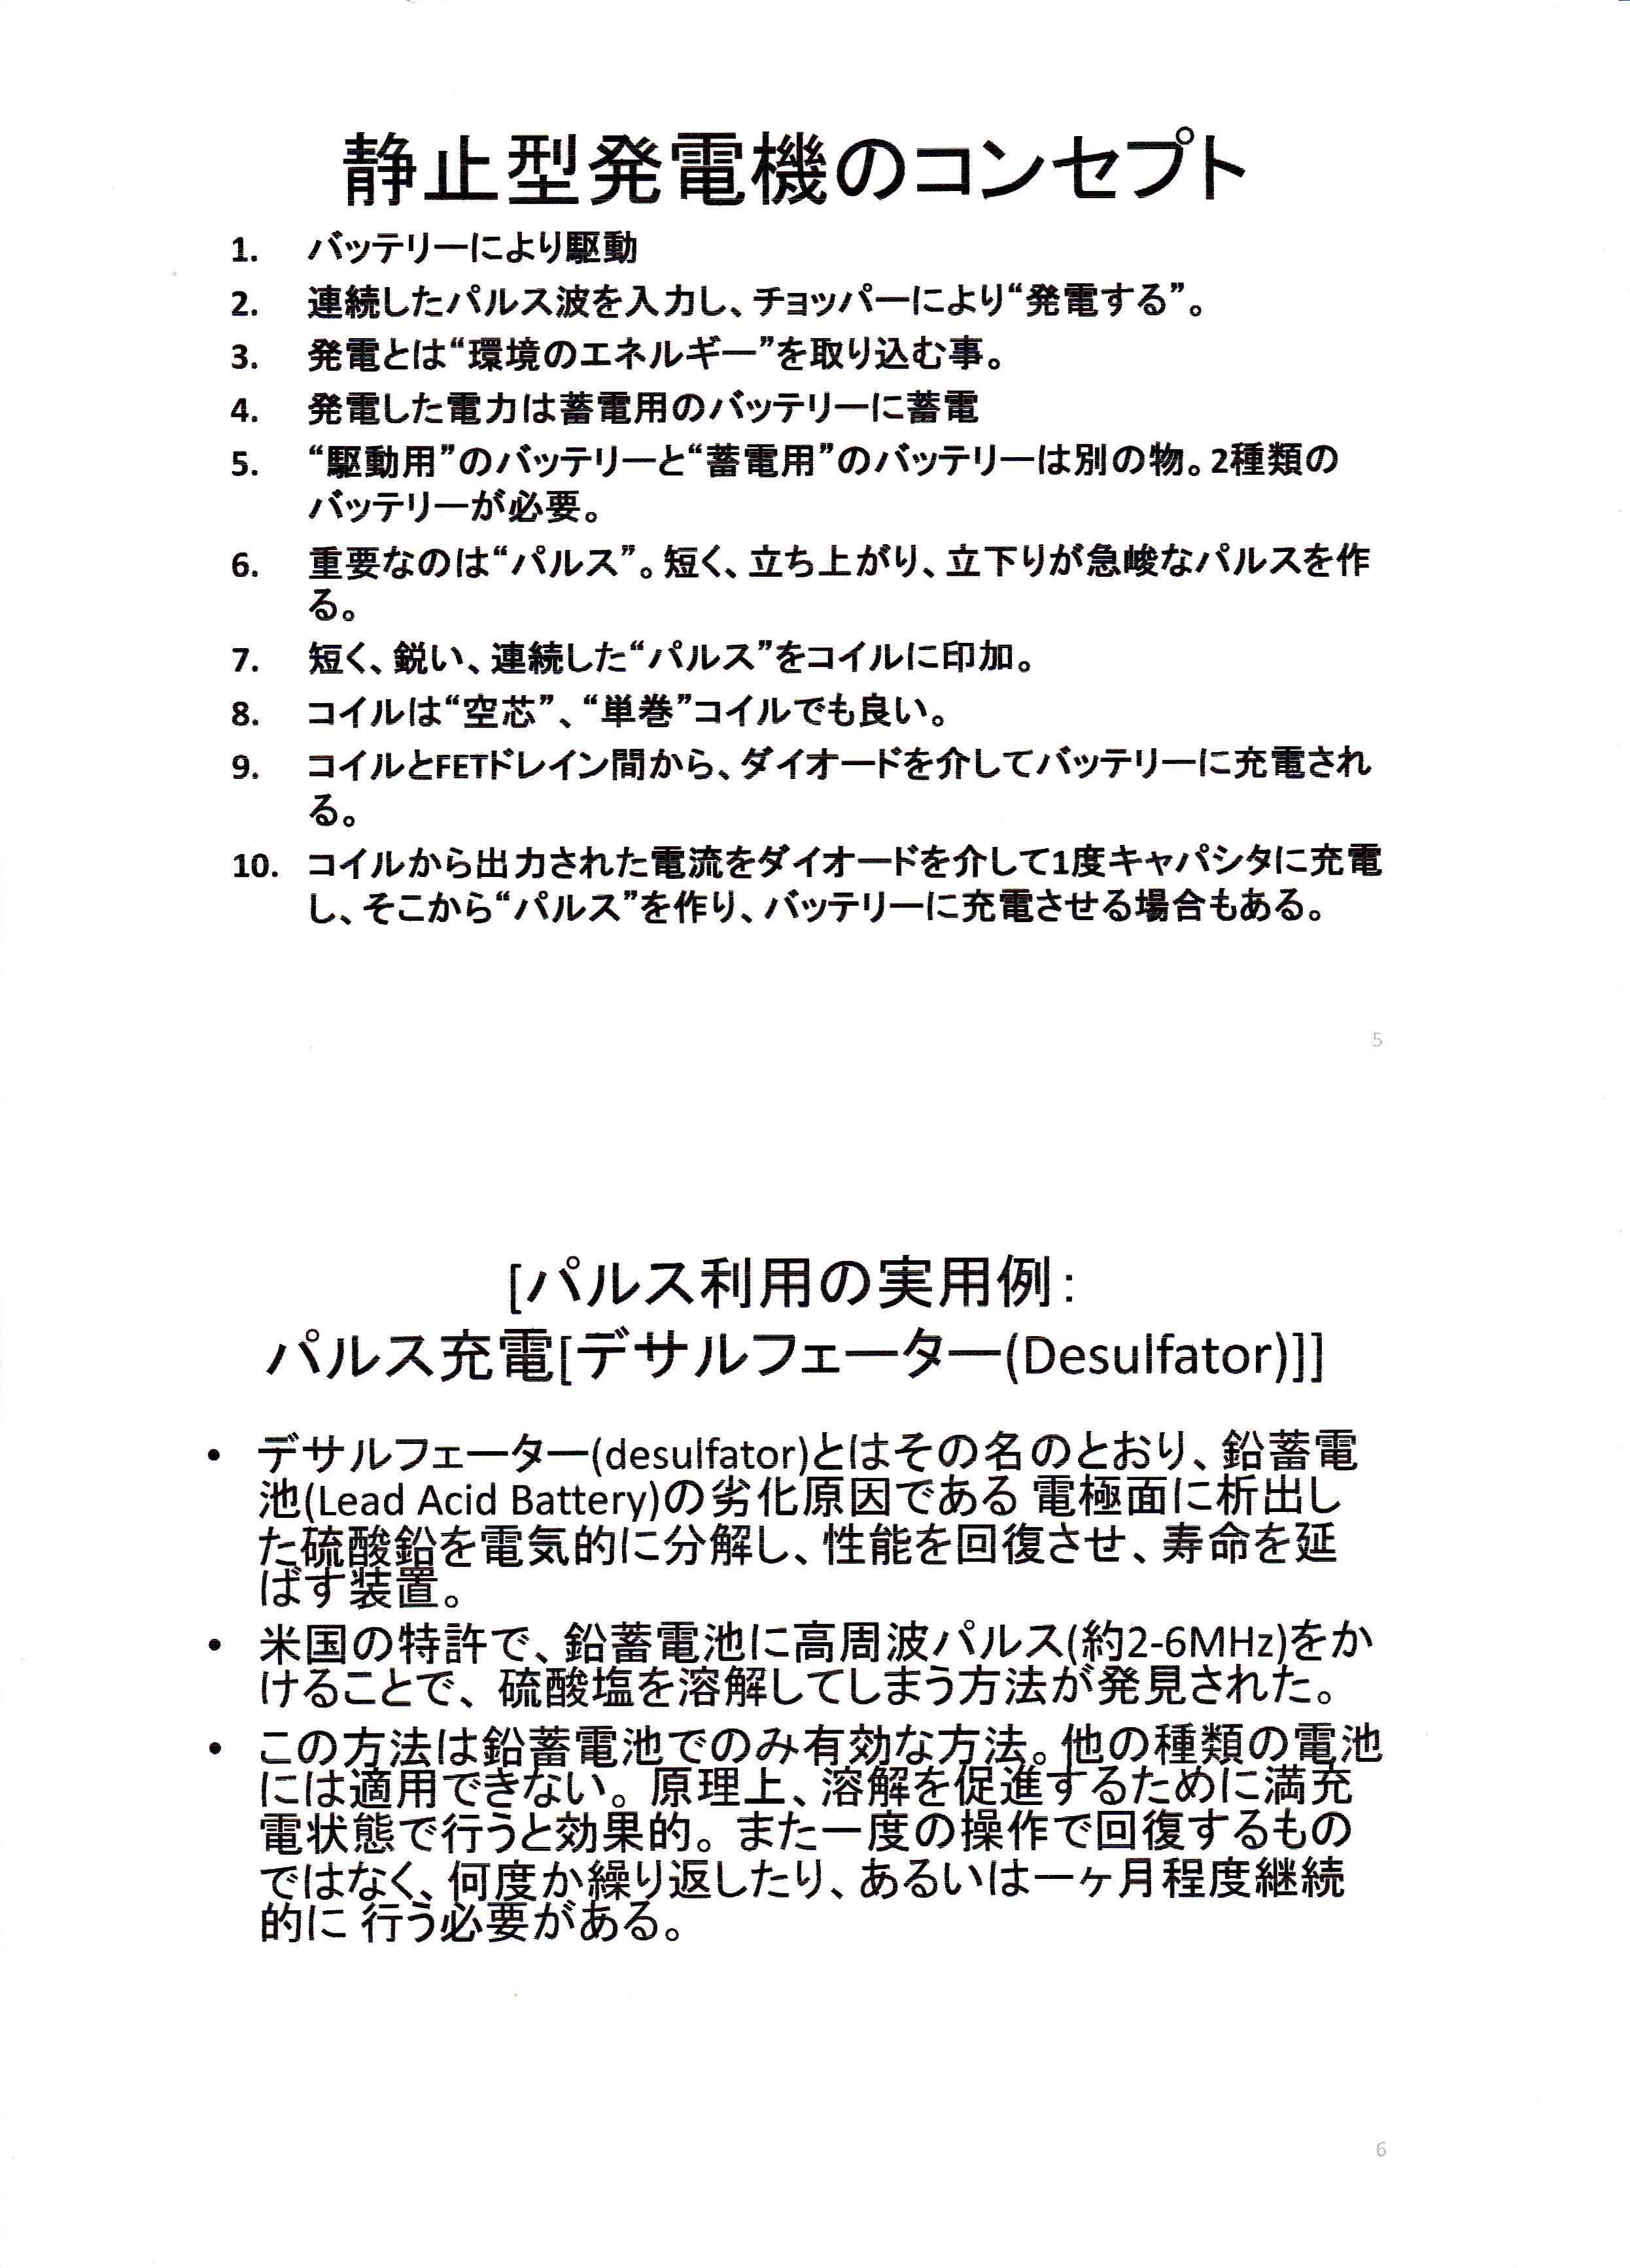 静止型発電機の基礎研究01-3